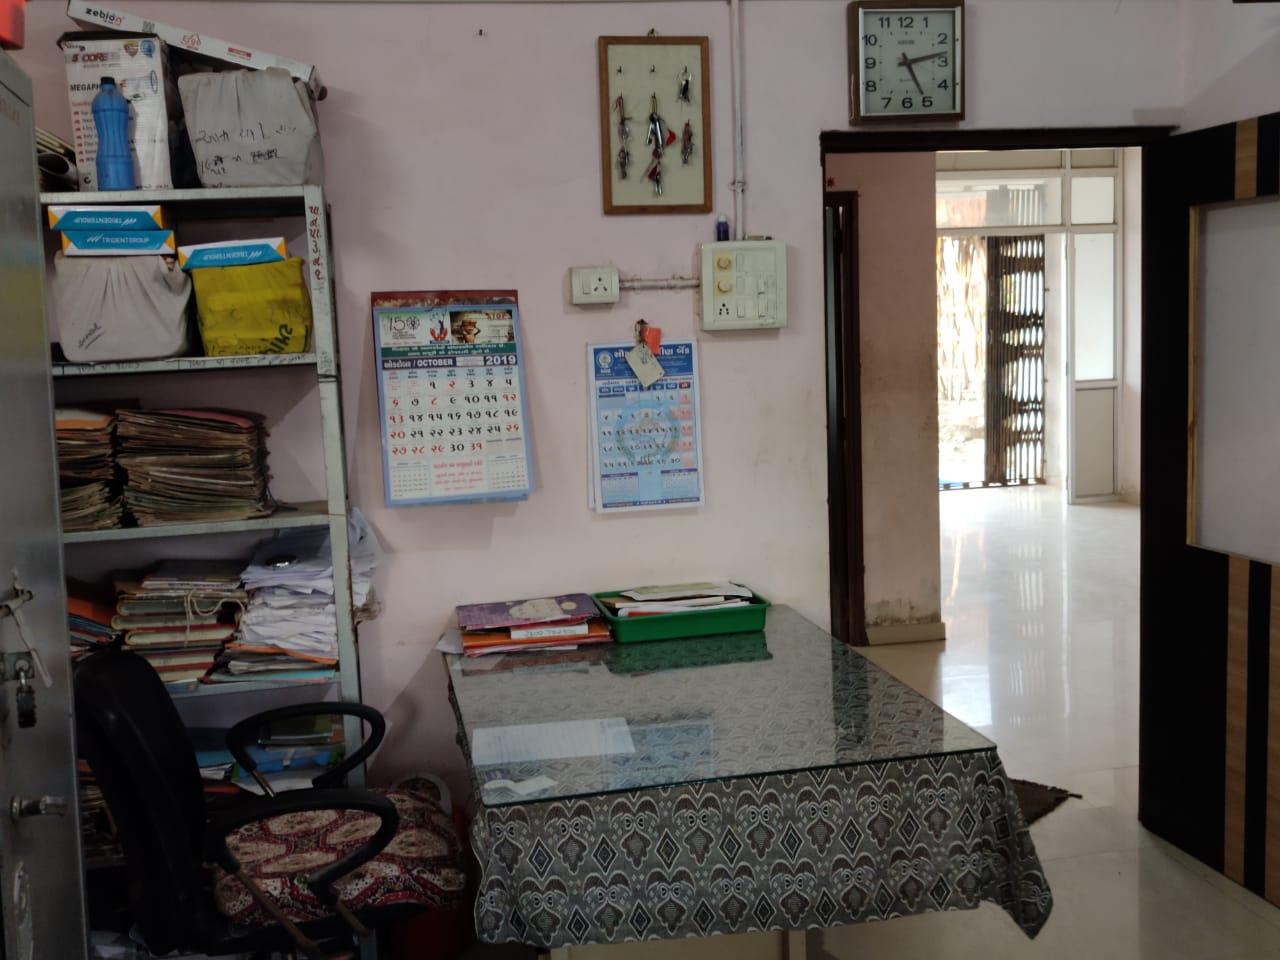 પાટડીમાં સરકારી કર્મચારીઓની 53% જગ્યા ખાલી, 45% કર્મચારીઓ અપ-ડાઉન કરતાં હોવાથી પાંચ વાગતા જ કચેરીઓ ખાલીખમ - Divya Bhaskar